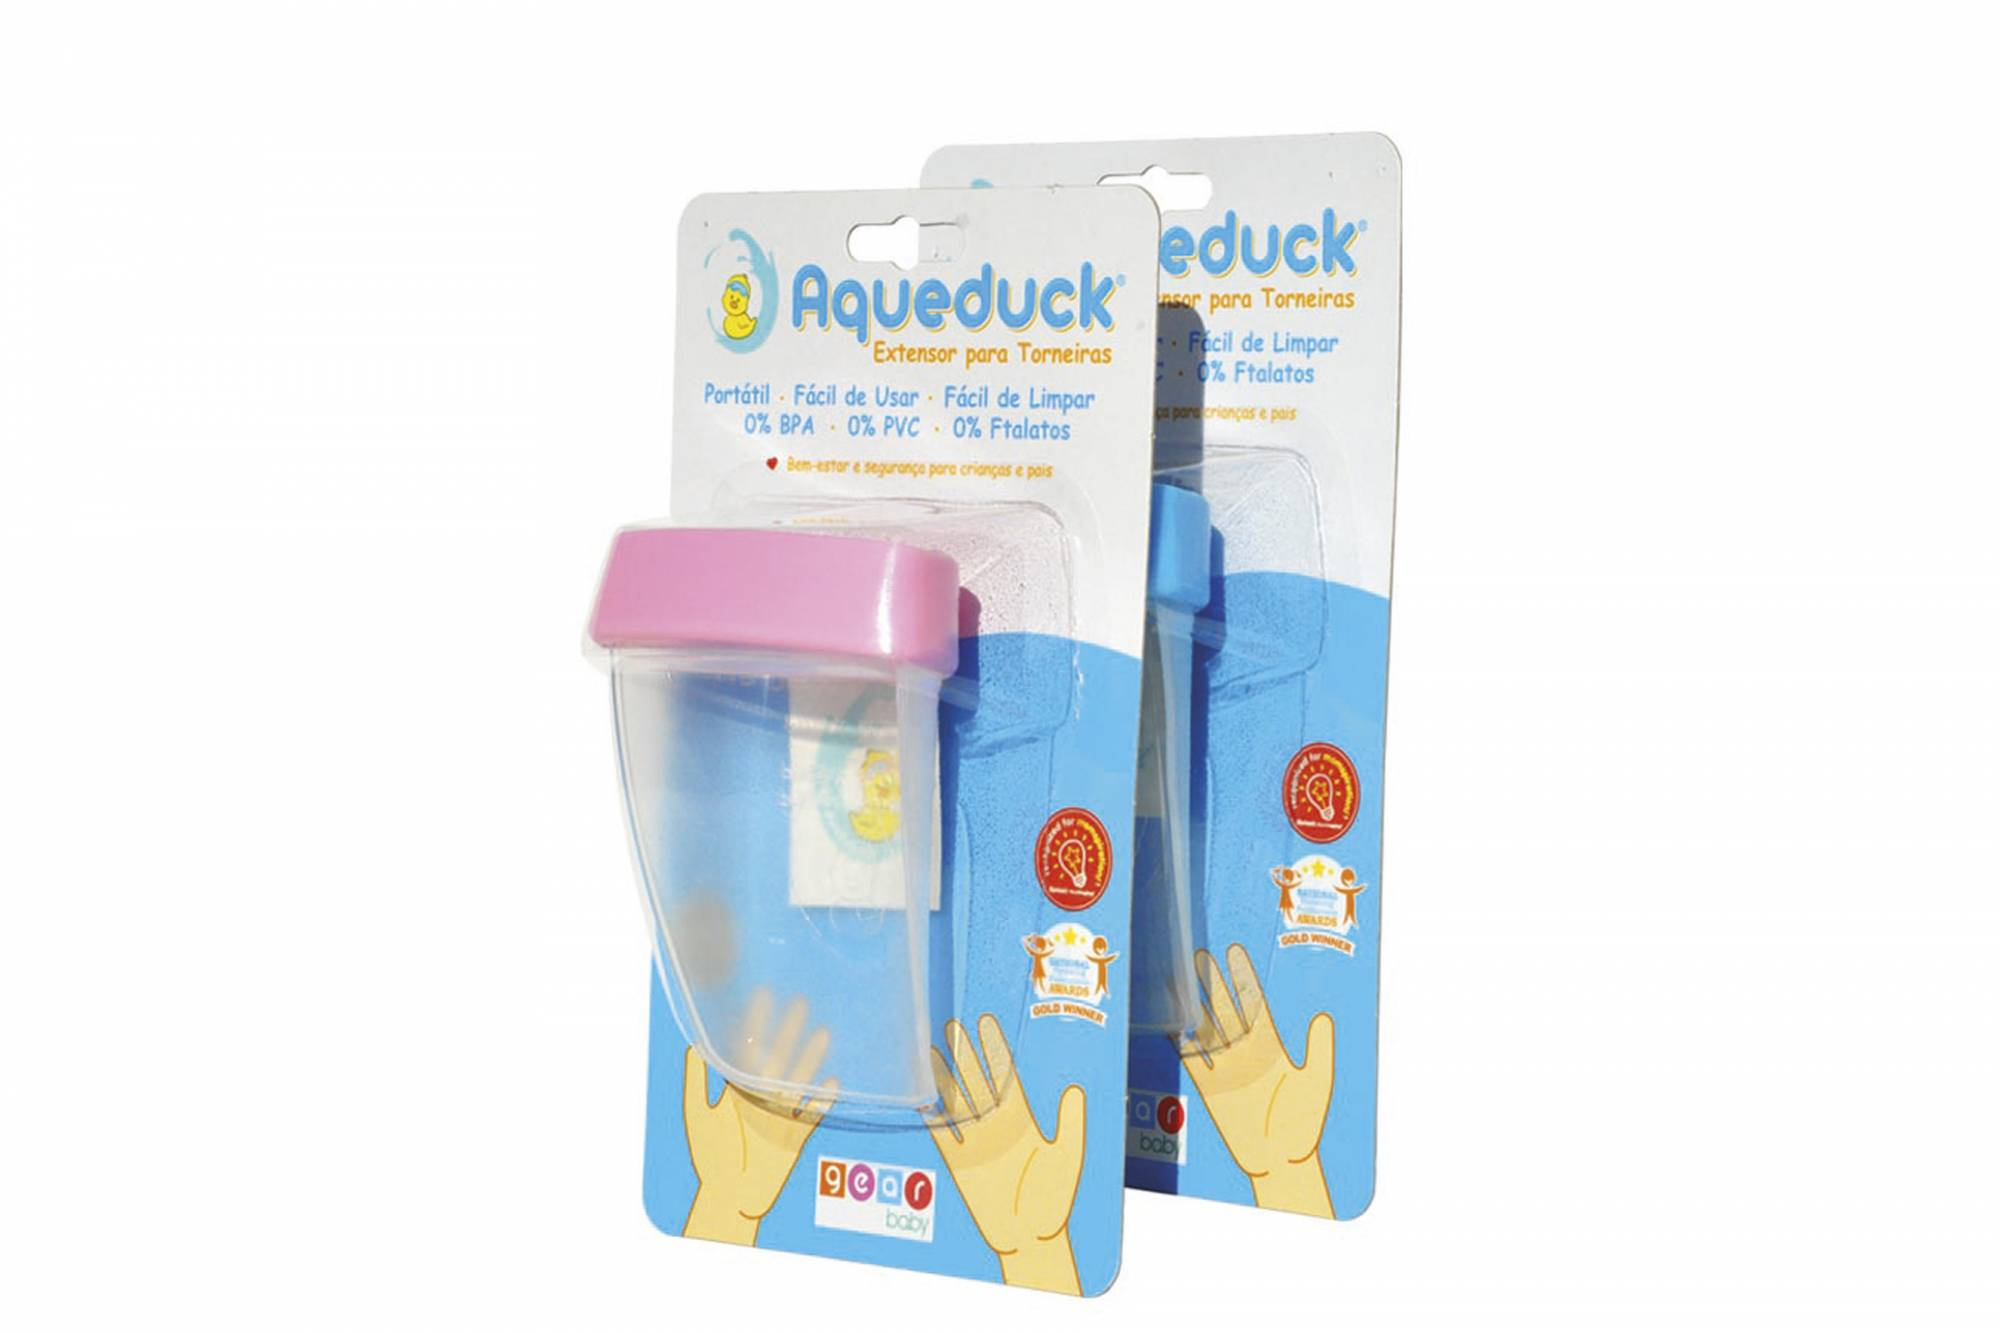 Aqueduck - Extensor Para Torneiras Azul 304